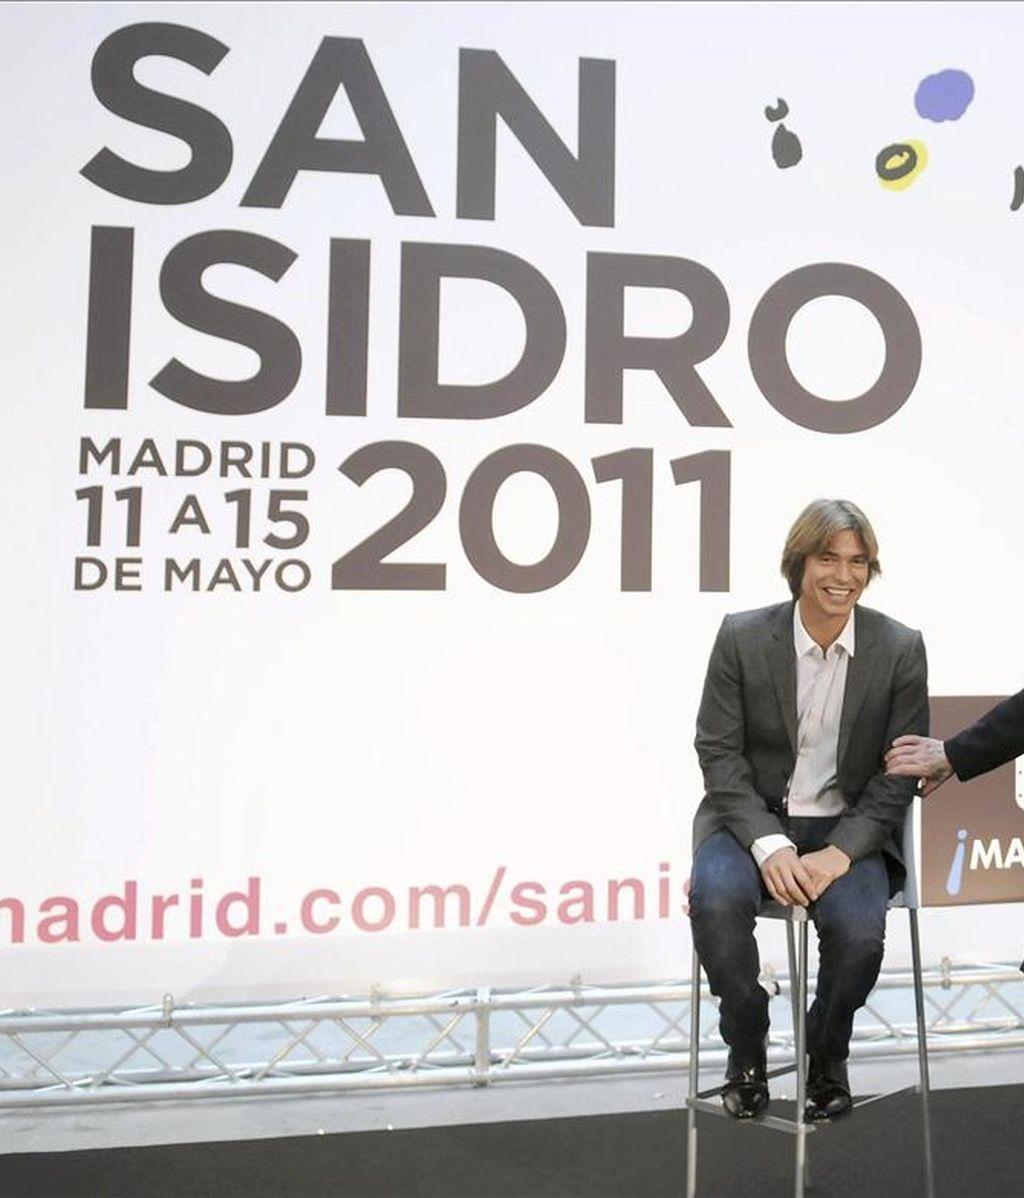 En lA IMAGEN, EL cantautor venezolano Carlos Baute durante la presentación de las actividades diseñadas con motivo de las fiestas de San Isidro. EFE/Archivo